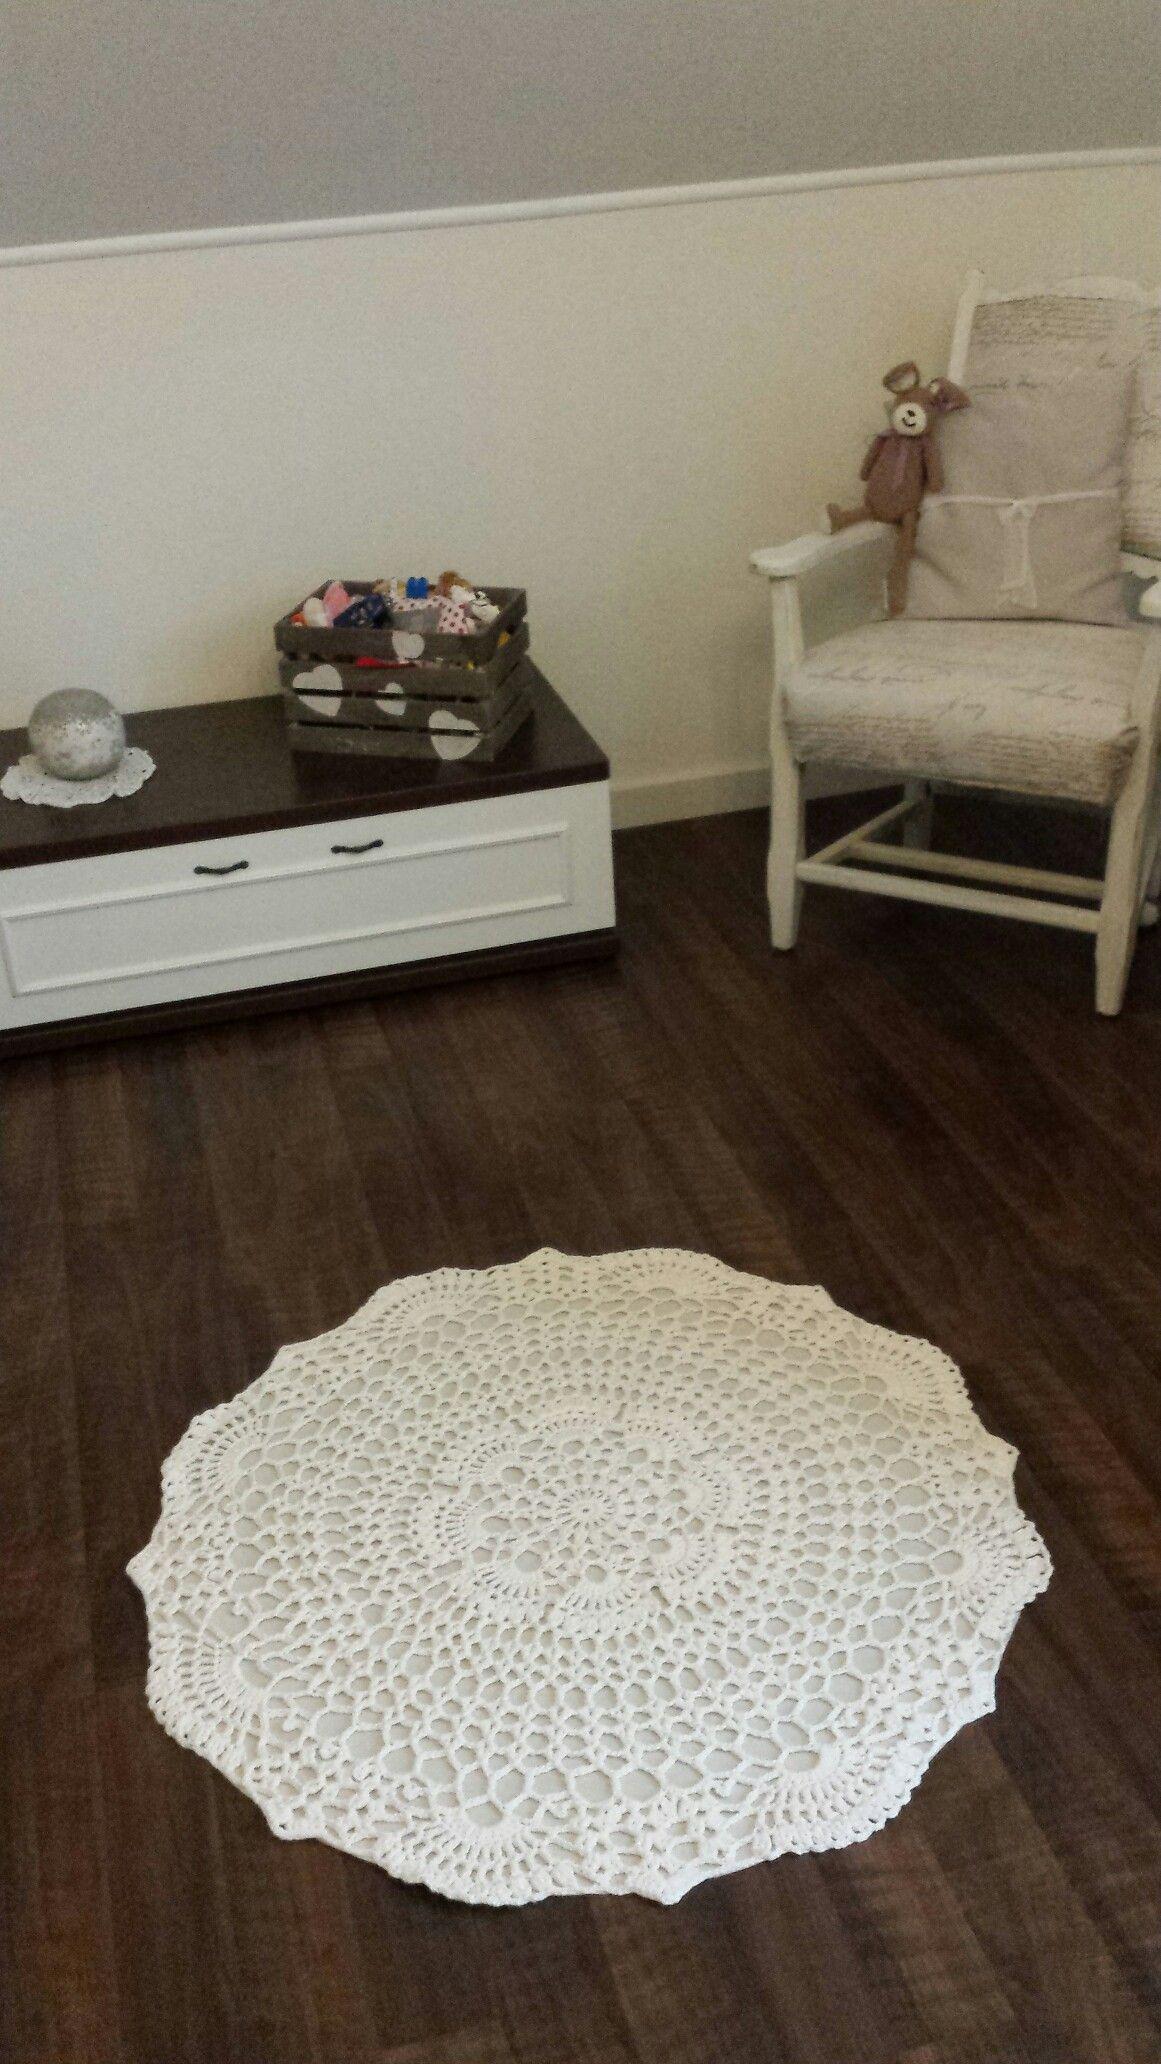 Mein erster gehäkelter Teppich | Meine welt♥ | Pinterest ...